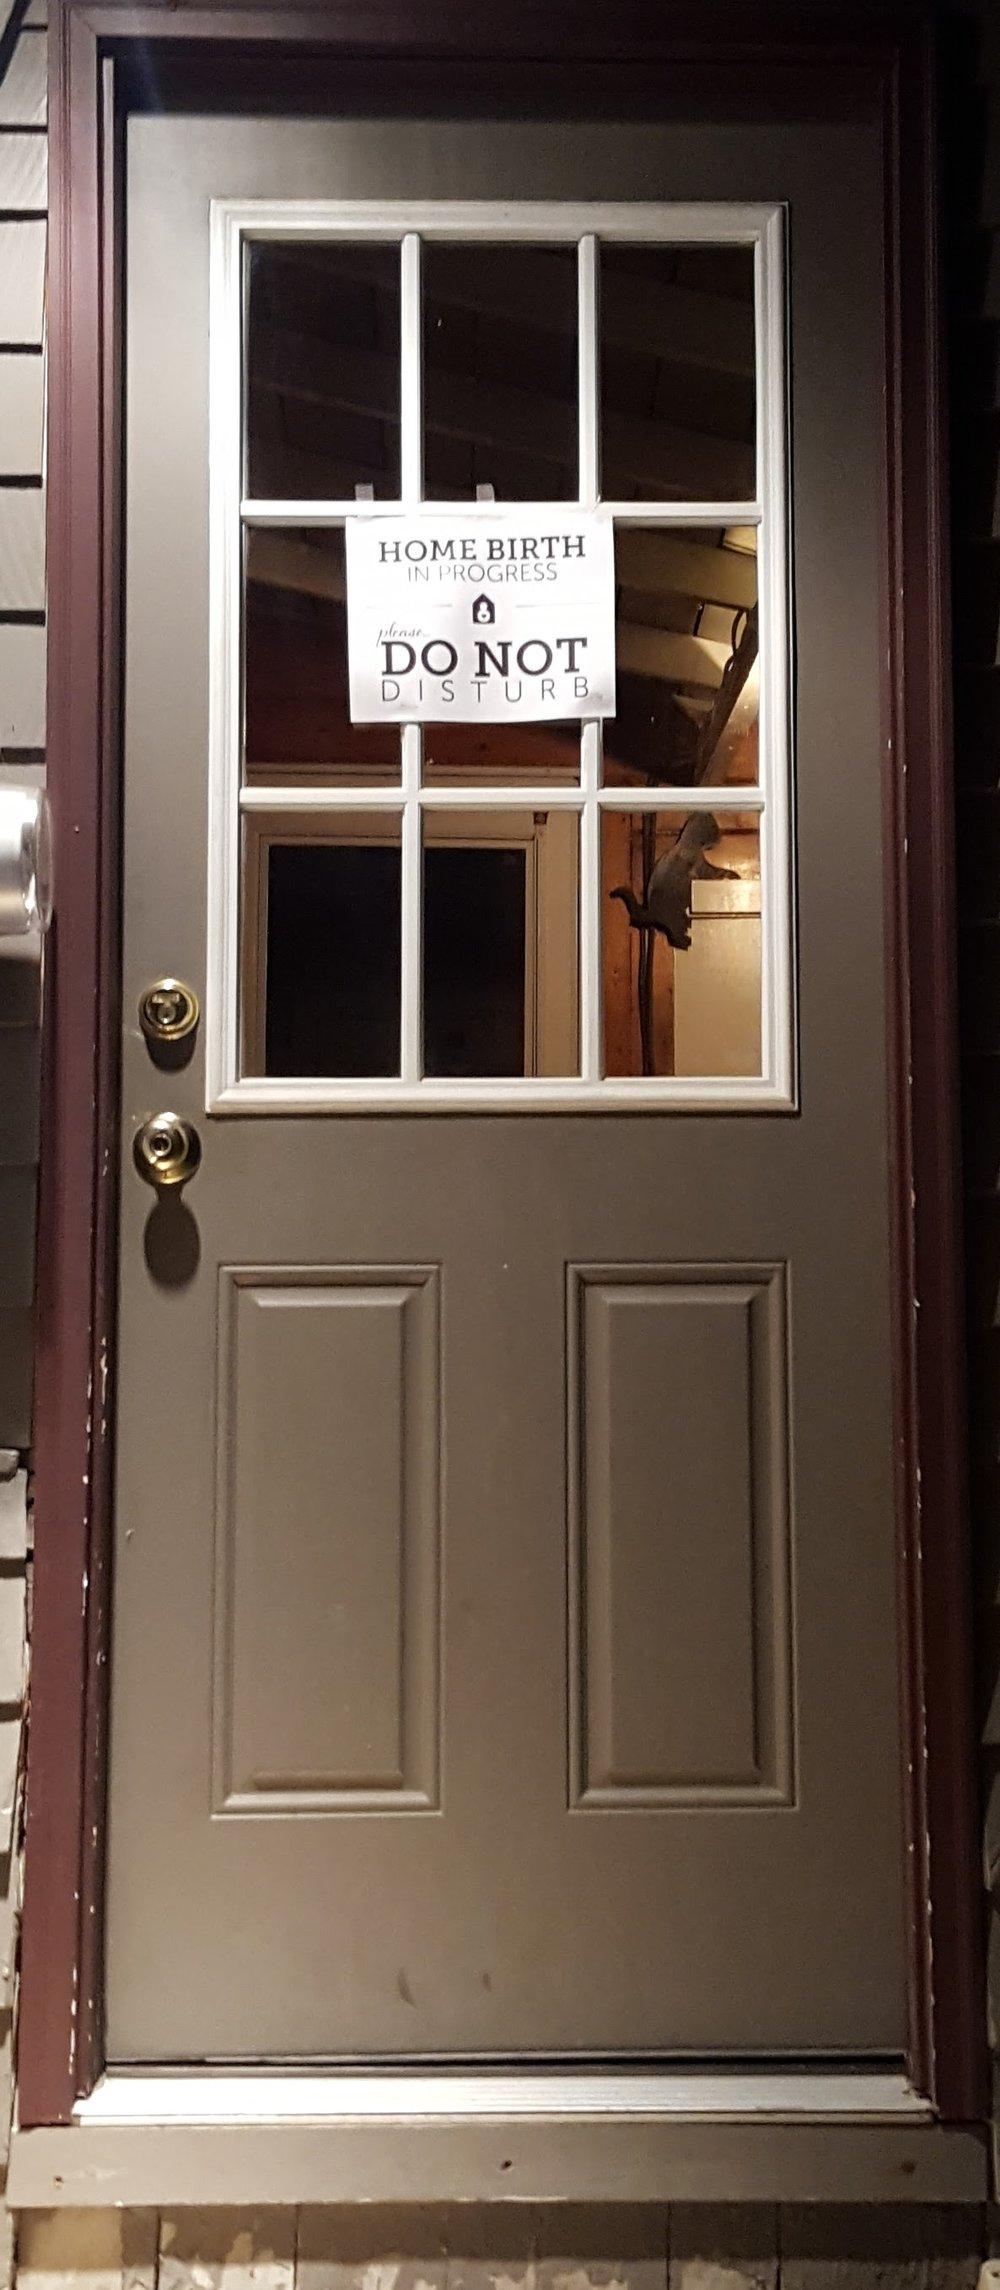 Door sign.jpg